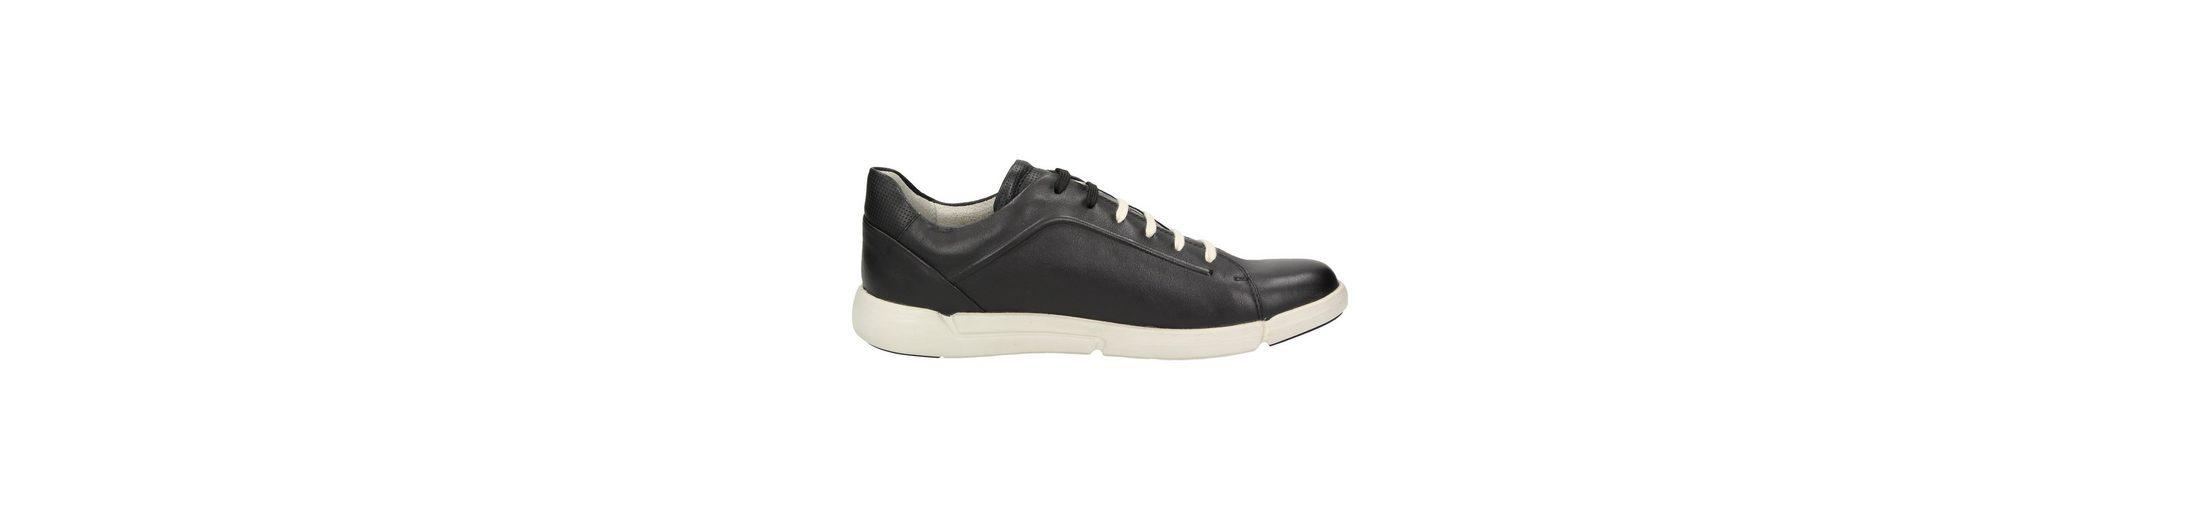 Outlet-Store Günstiger Preis SIOUX Runol-SC Sneaker Bester Ort Billig Verkauf 2018 Neue Verkauf Besten Großhandels PD2bP